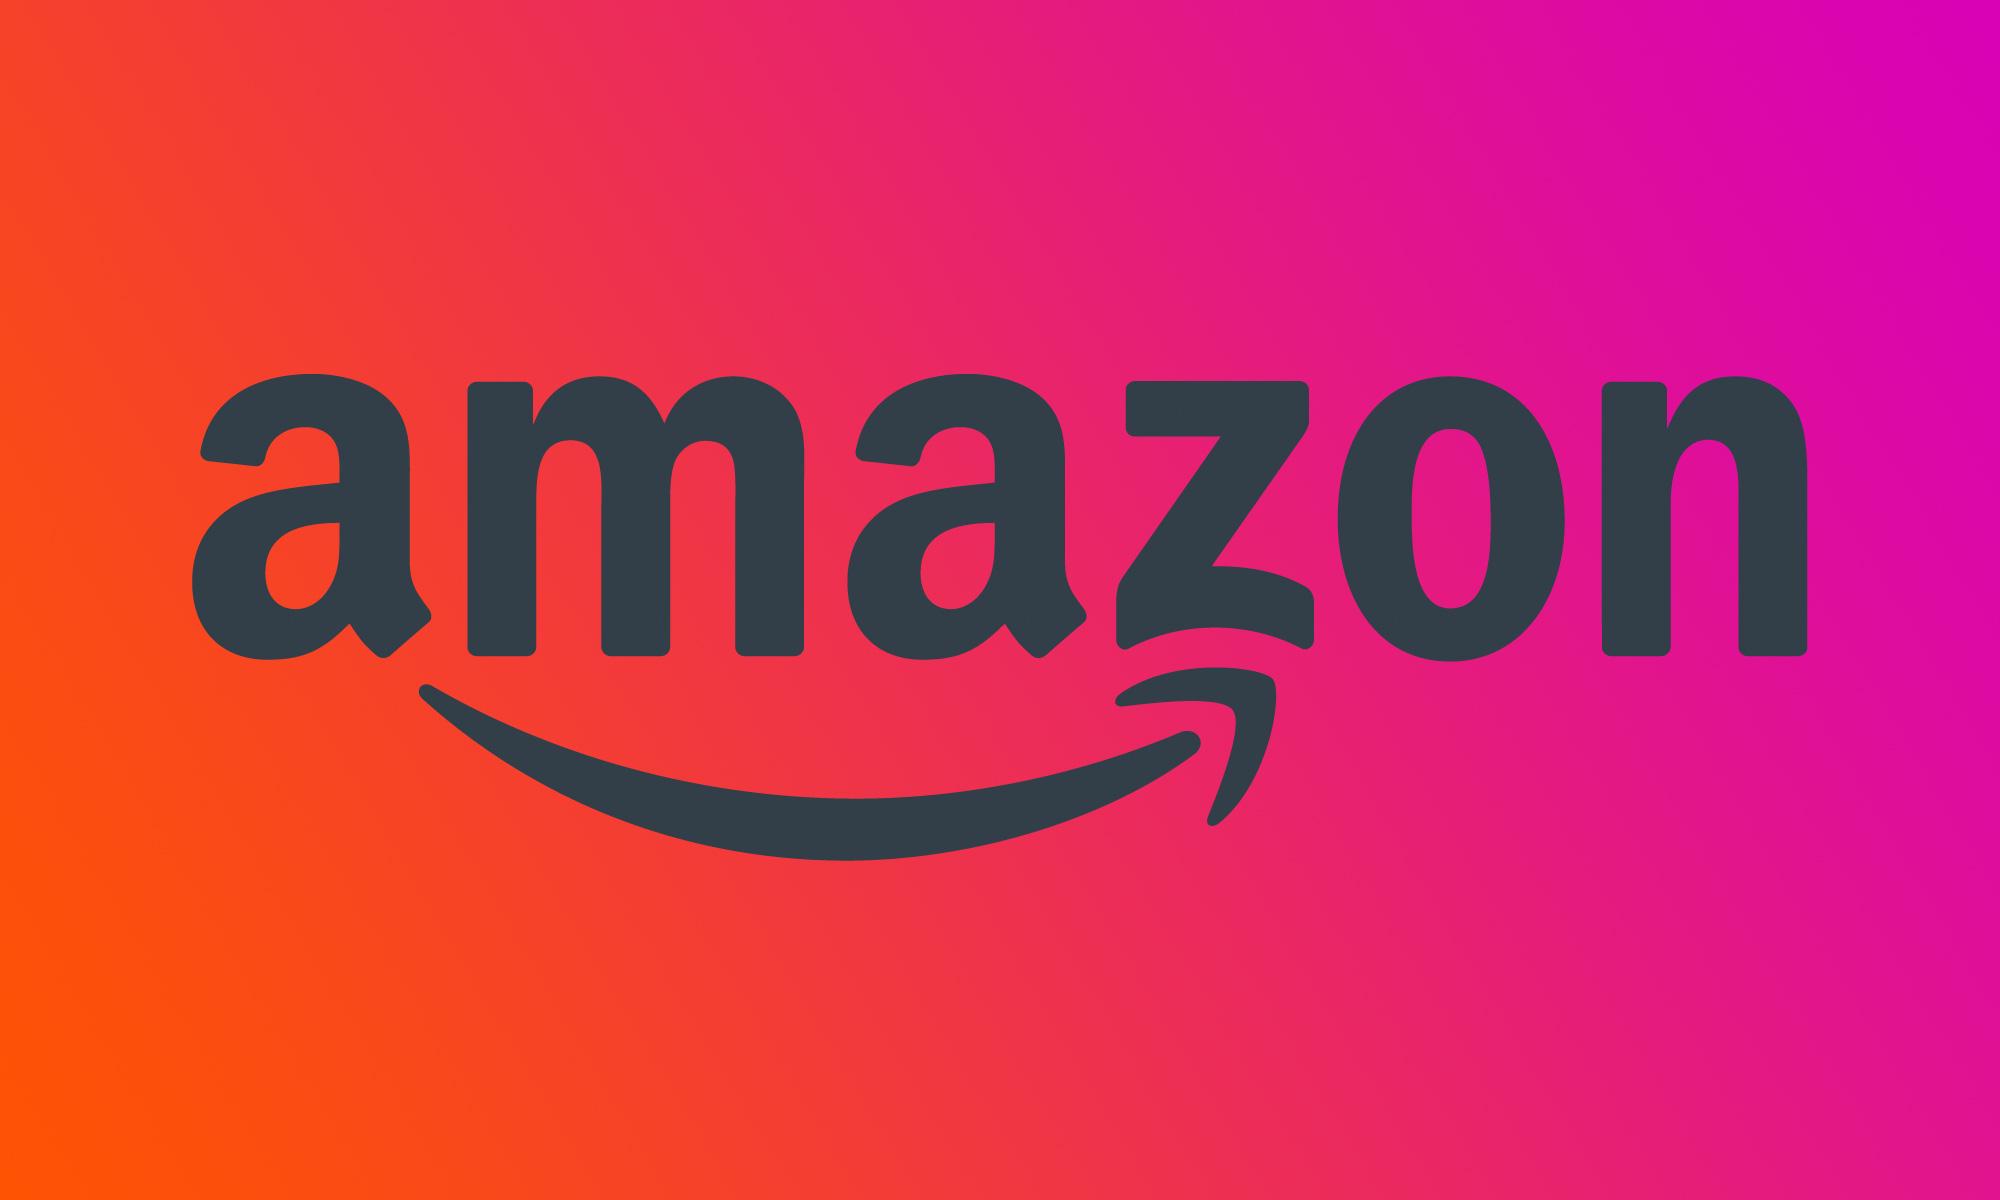 Kode promo Amazon terbaik Oktober 2021 yang berfungsi sekarang